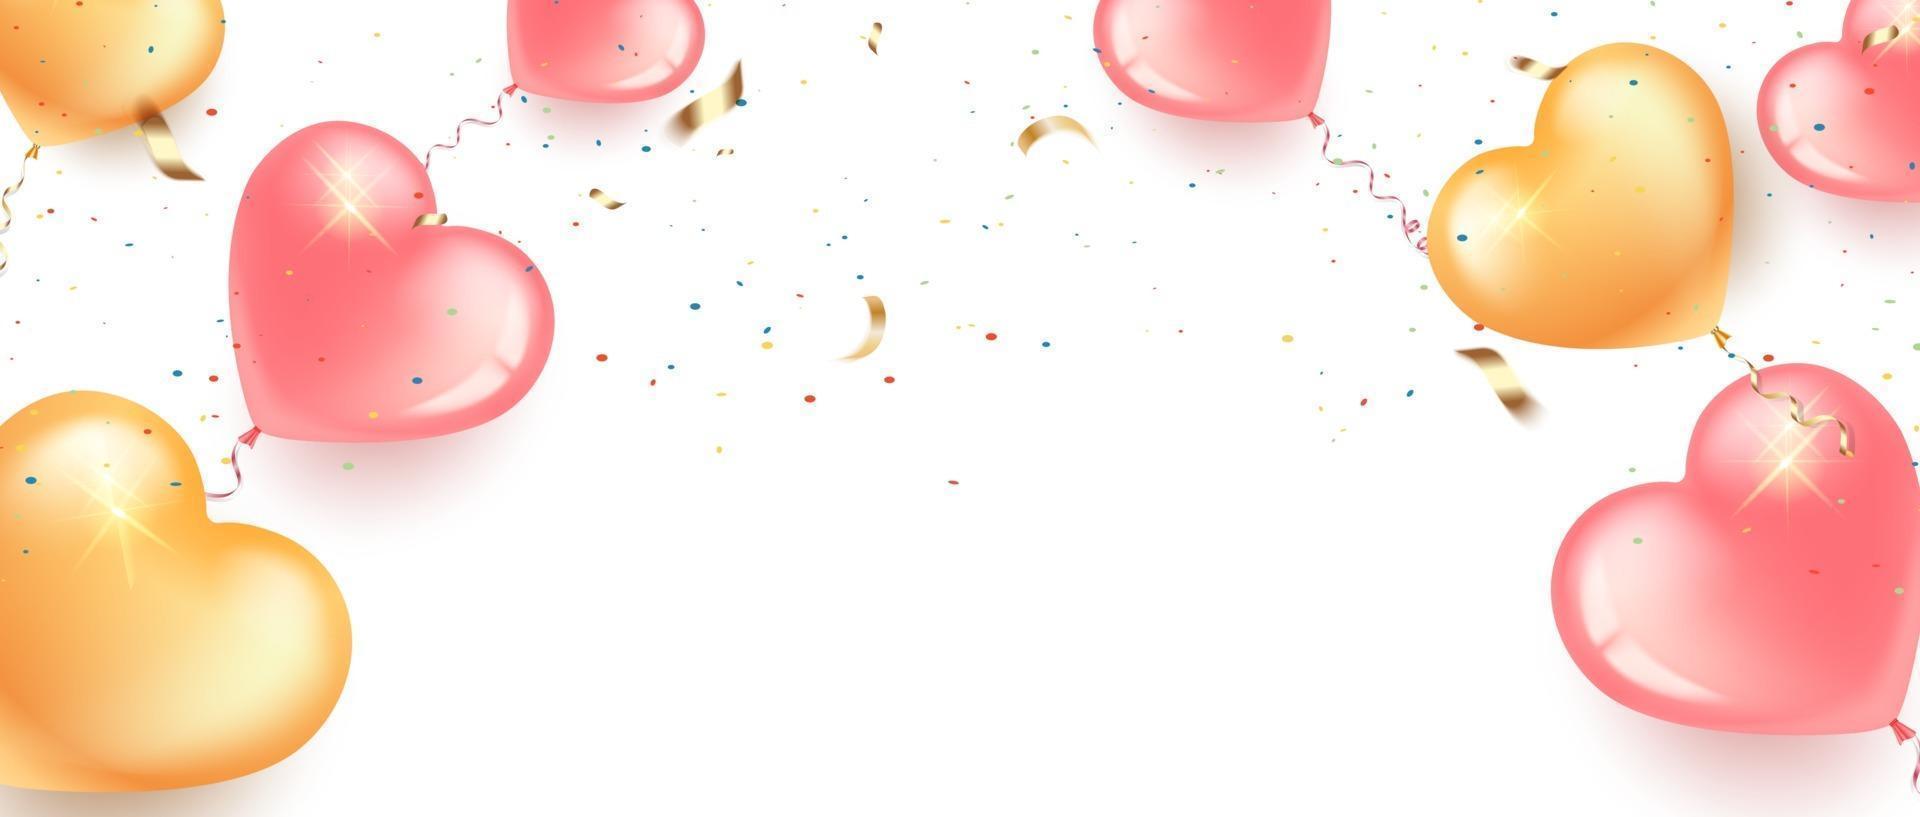 banner festivo con palloncini cuore rosa e oro vettore